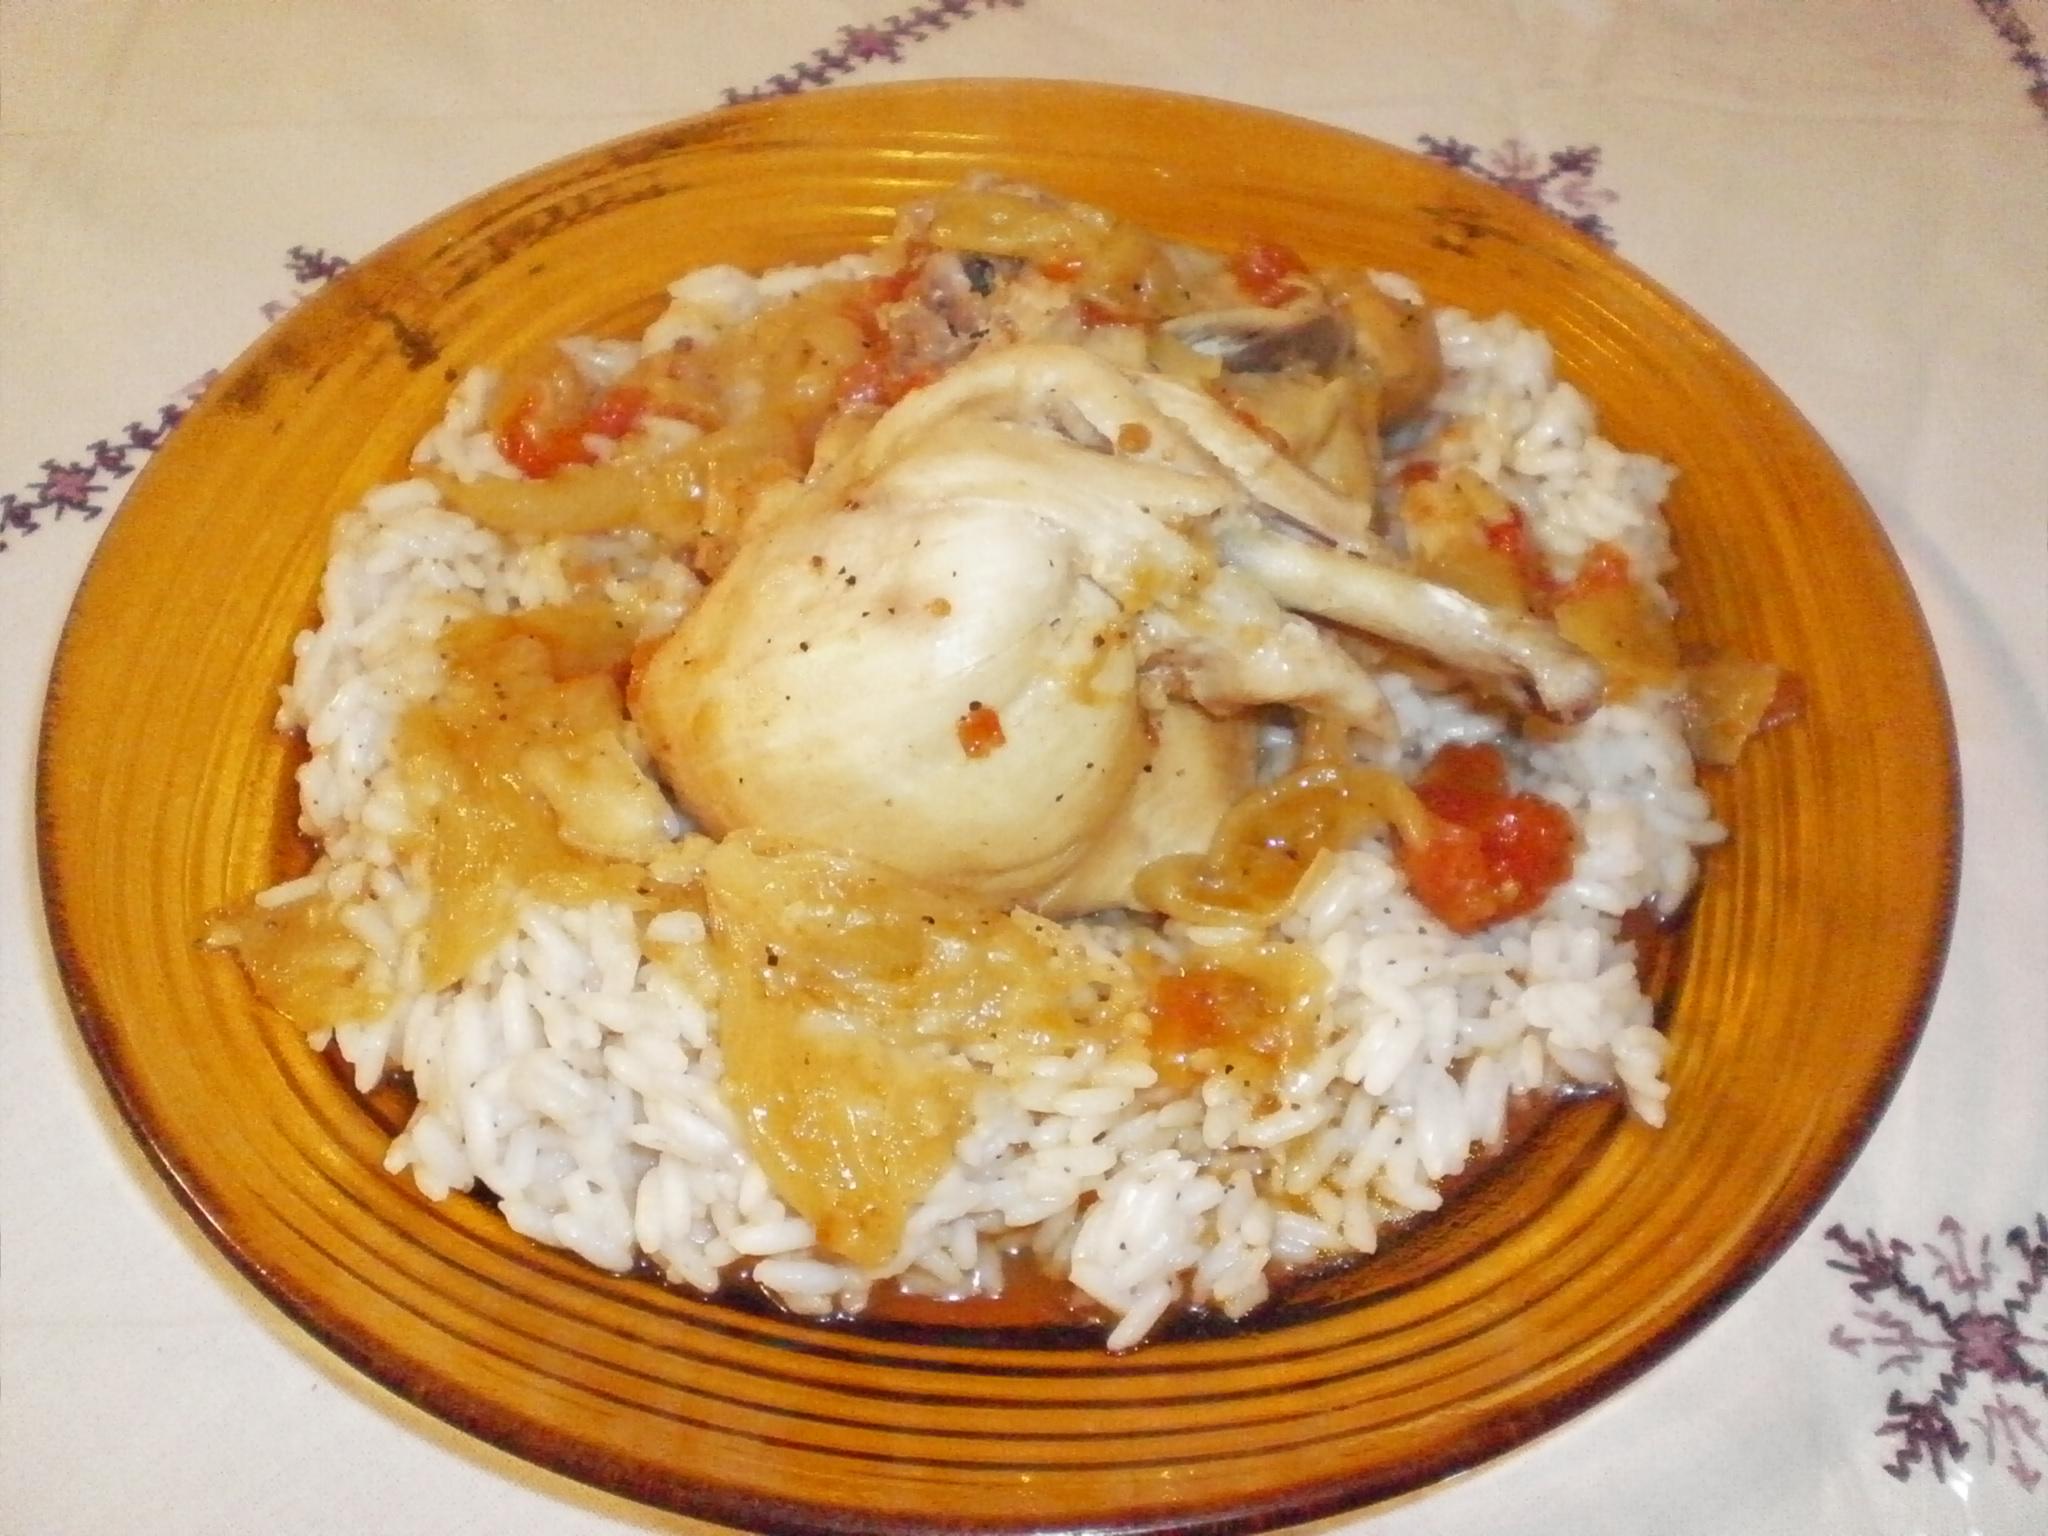 Plat de poulet sur un lit de riz arrosé